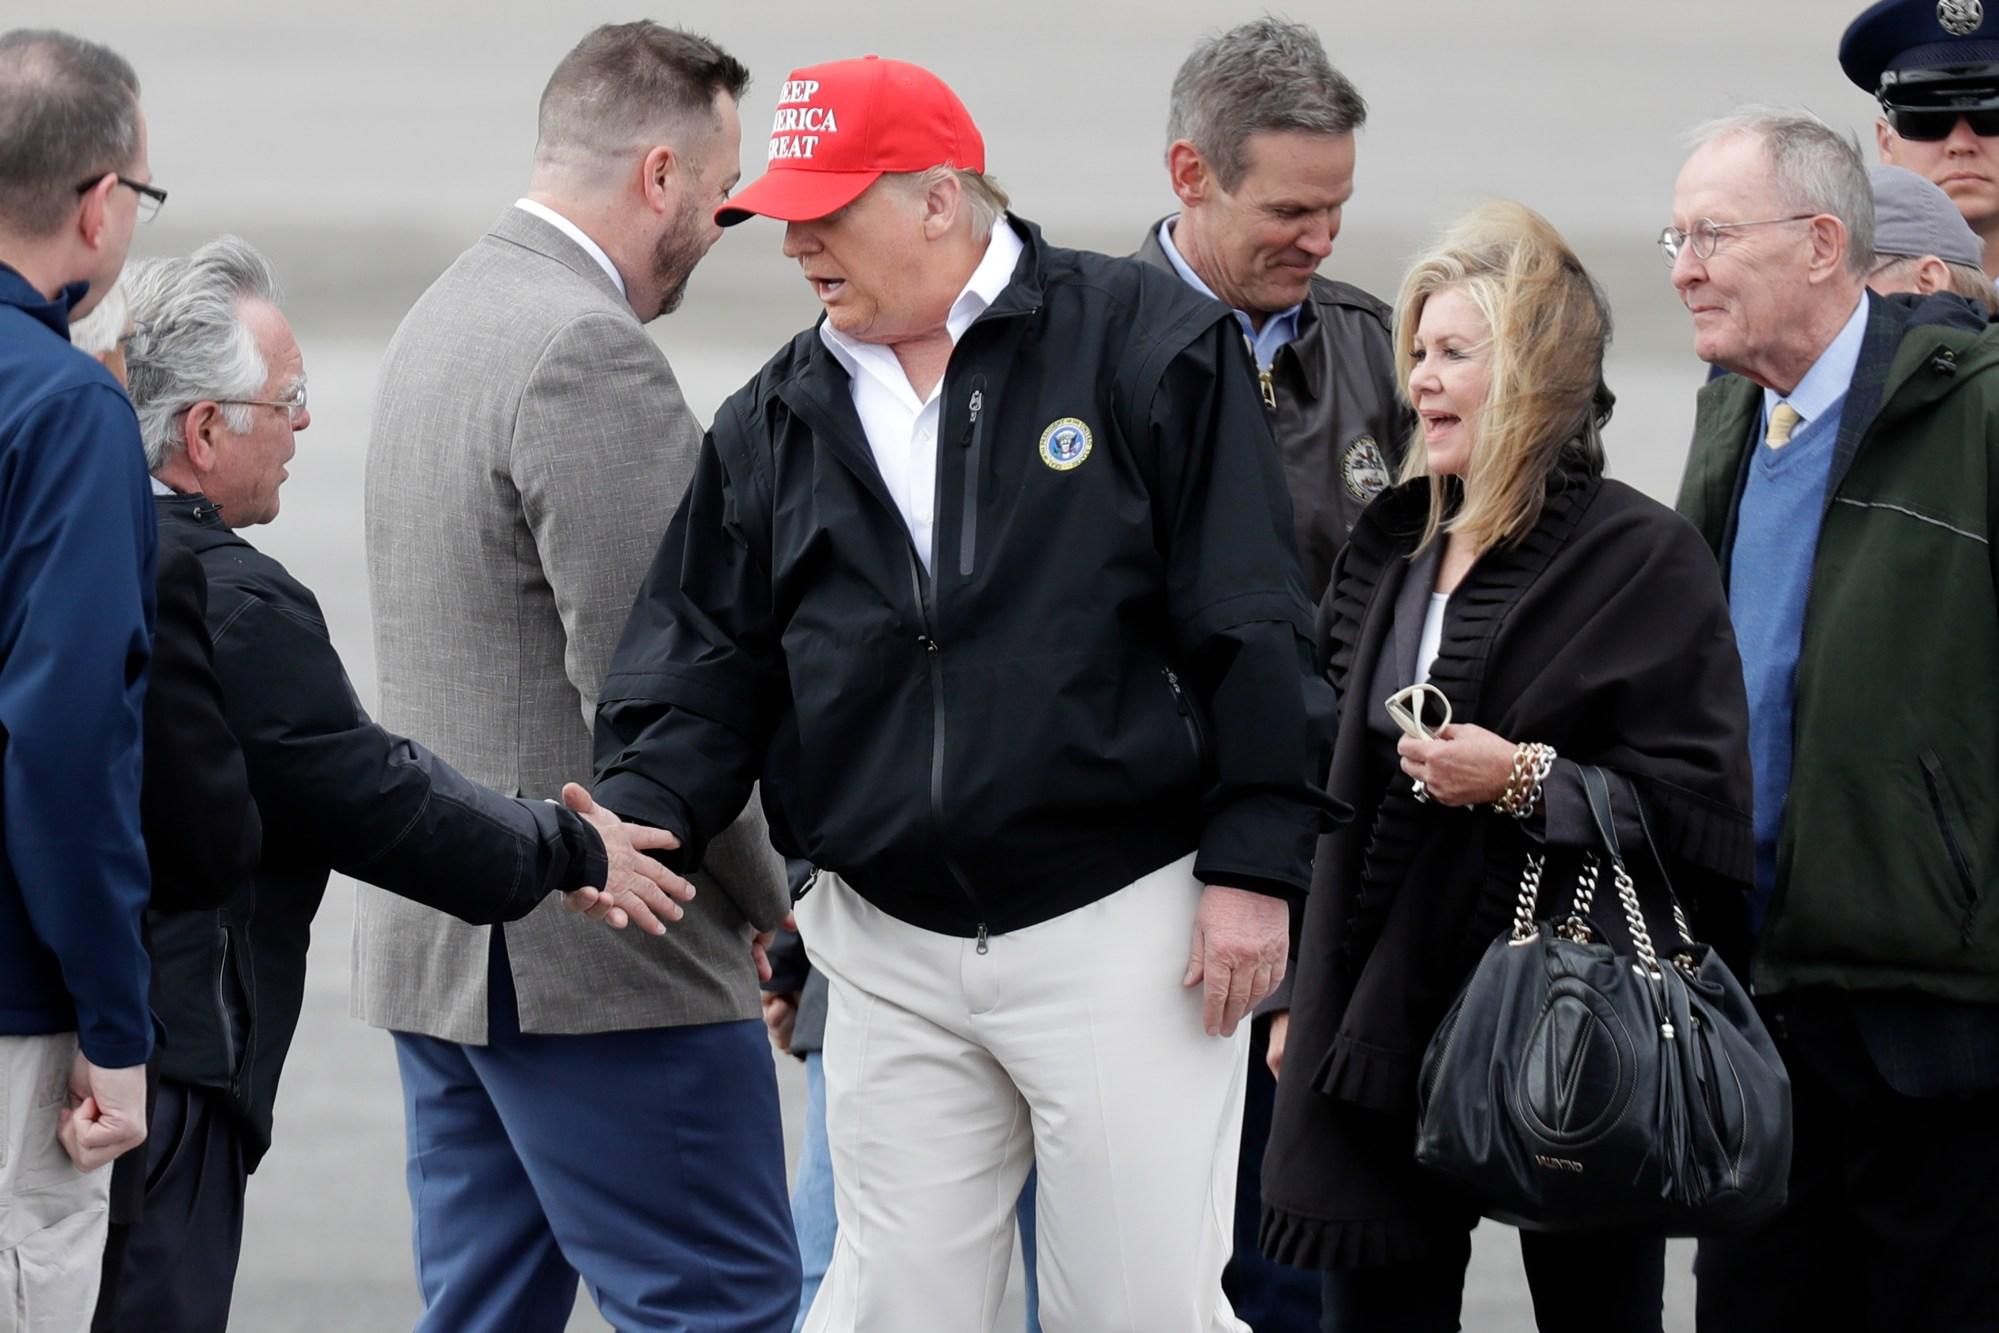 Donald Trump, John Cooper